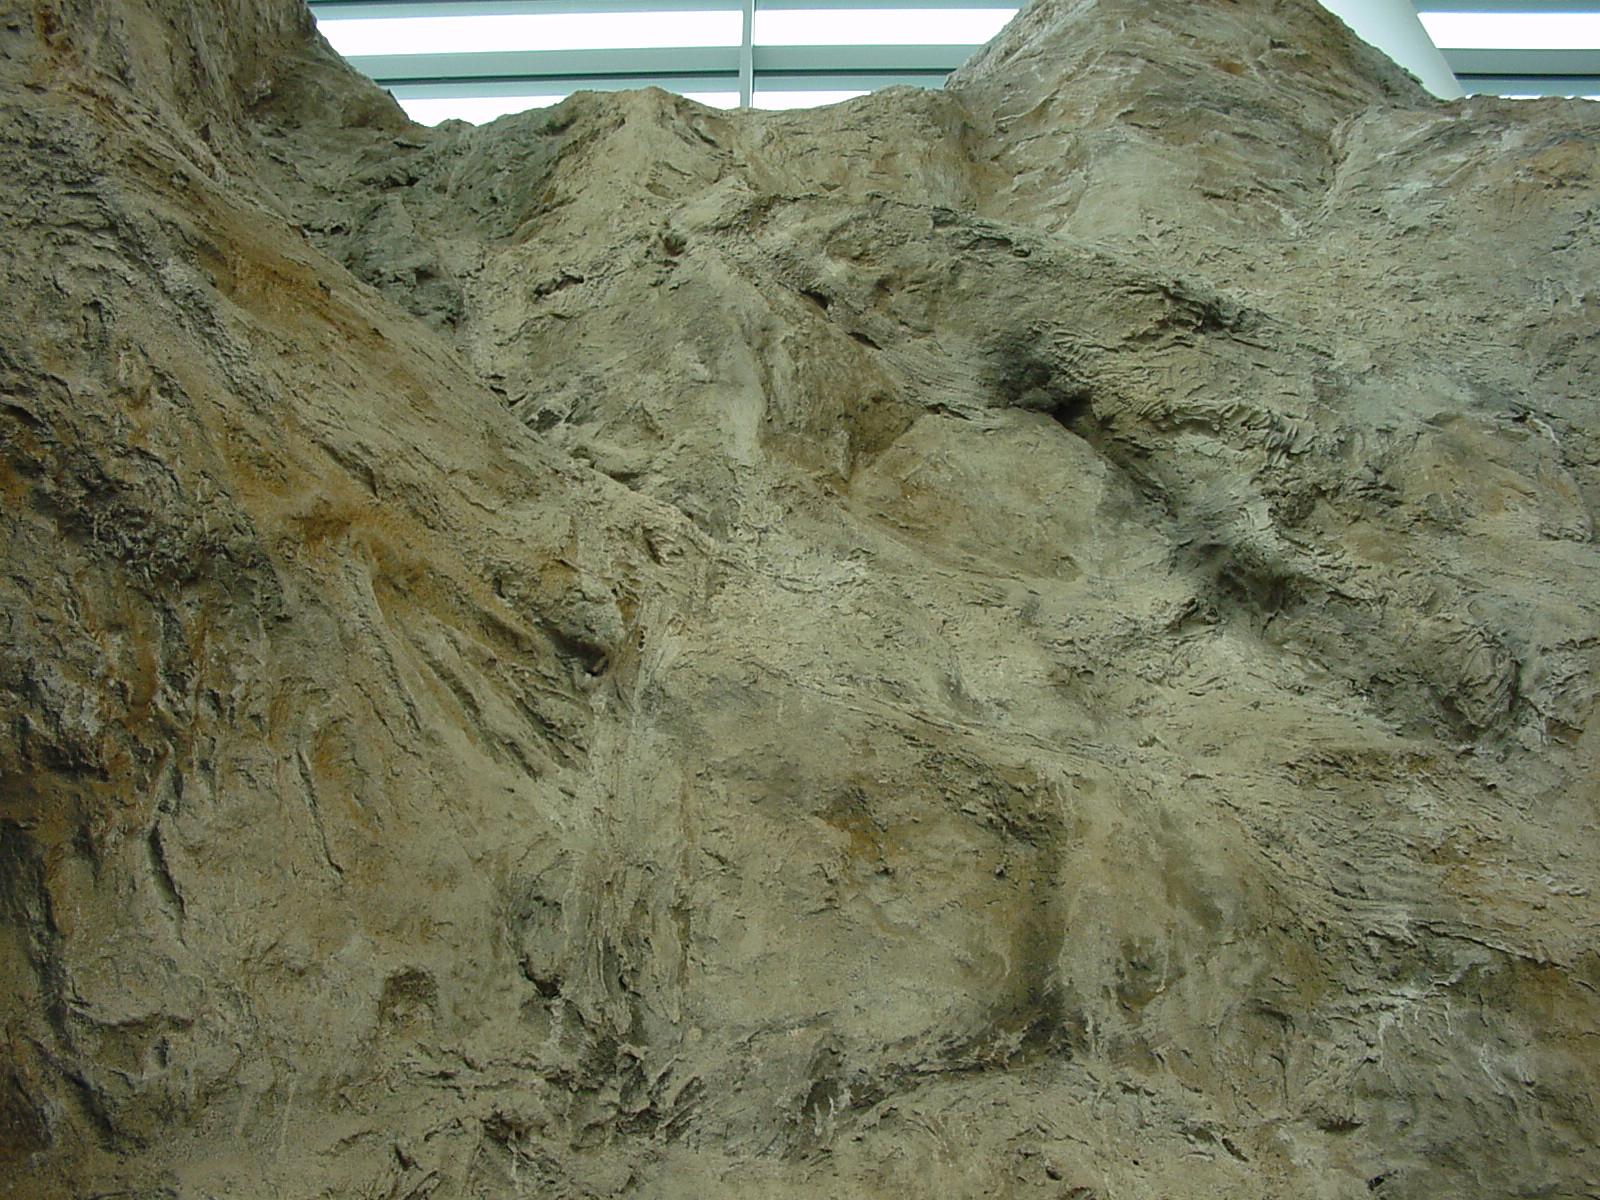 Wohnzimmer Bar Traunstein Felsenwand